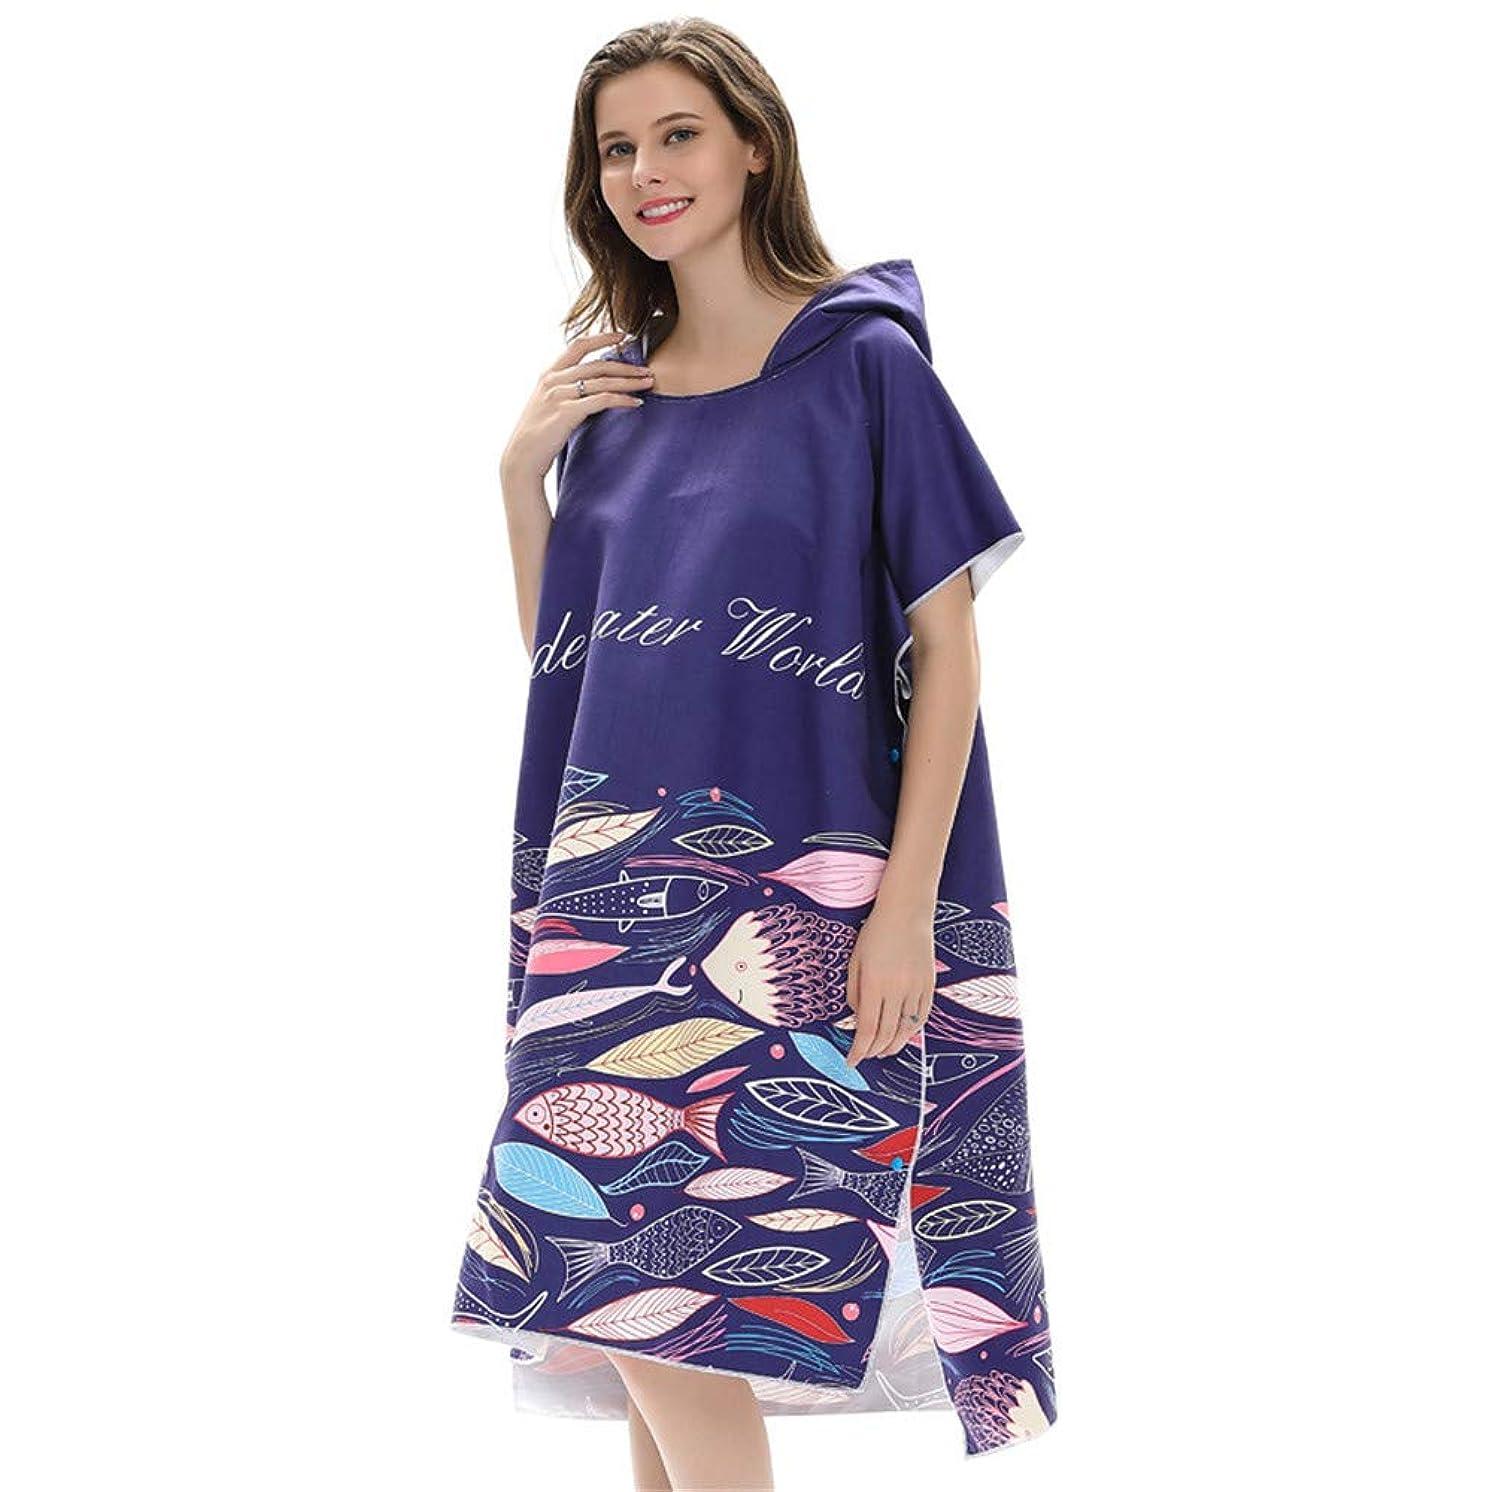 ペイント妻アトラスビーチチェンジングタオル マイクロファイバーサーフィンローブと速乾性のあるフード付きポンチョビーチの日焼け止めのマント、水泳ダイビングスーツの着替えに最適